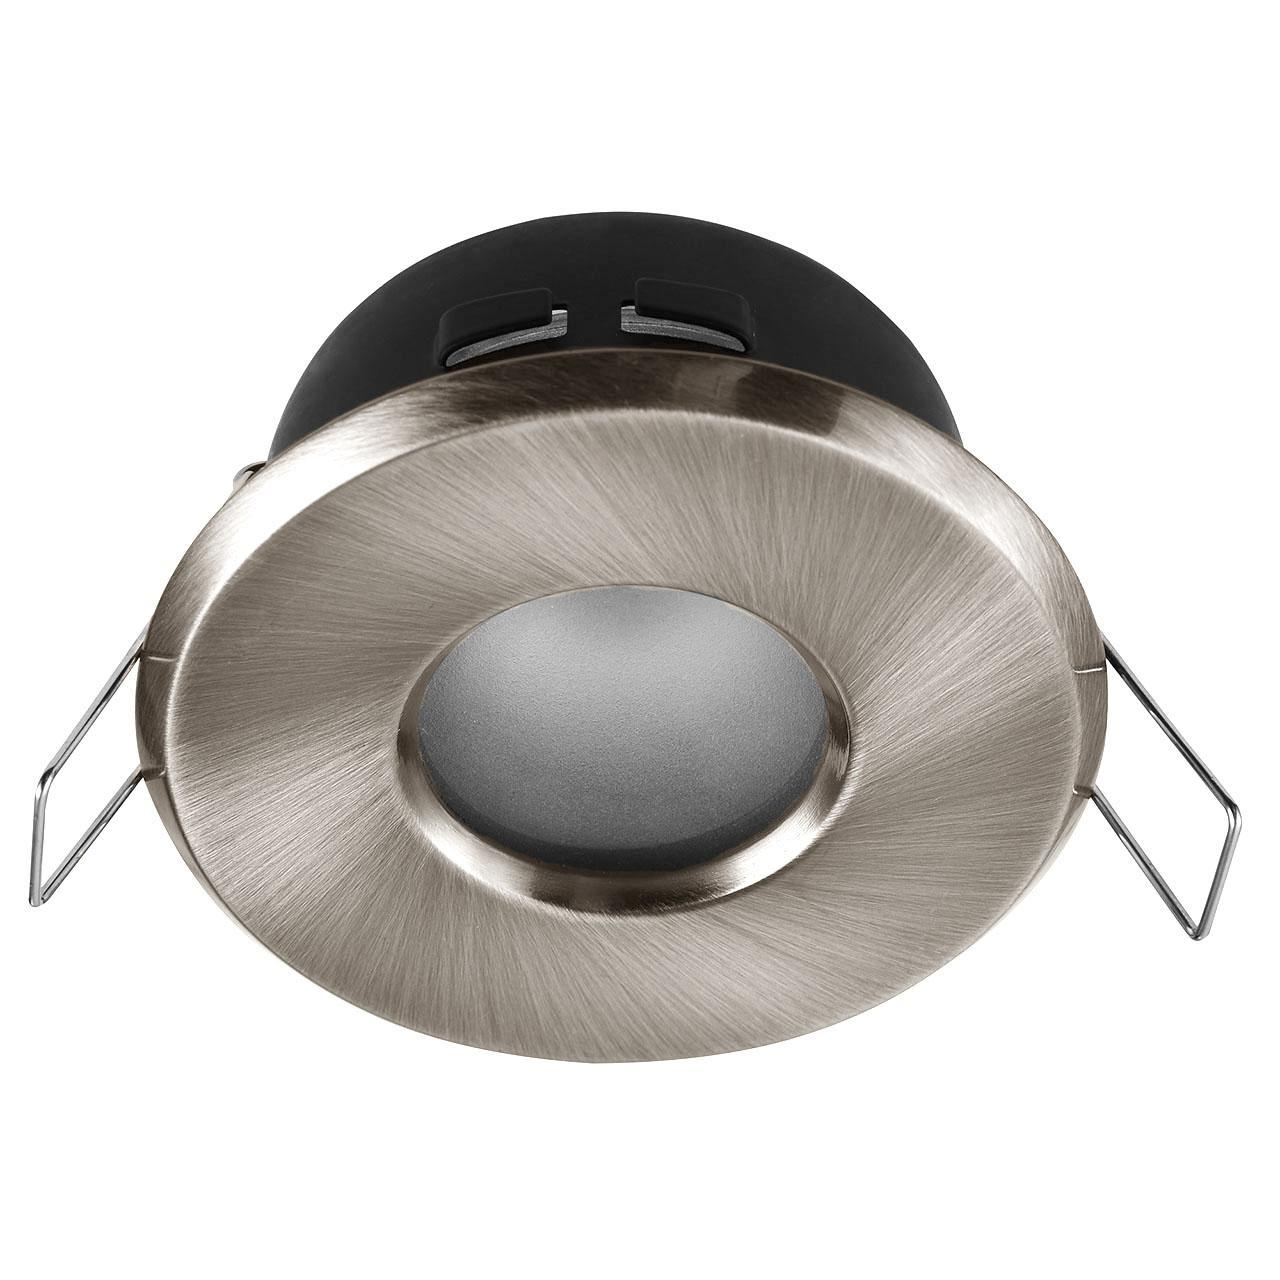 Встраиваемый светильник Maytoni Metal DL010-3-01-N цена